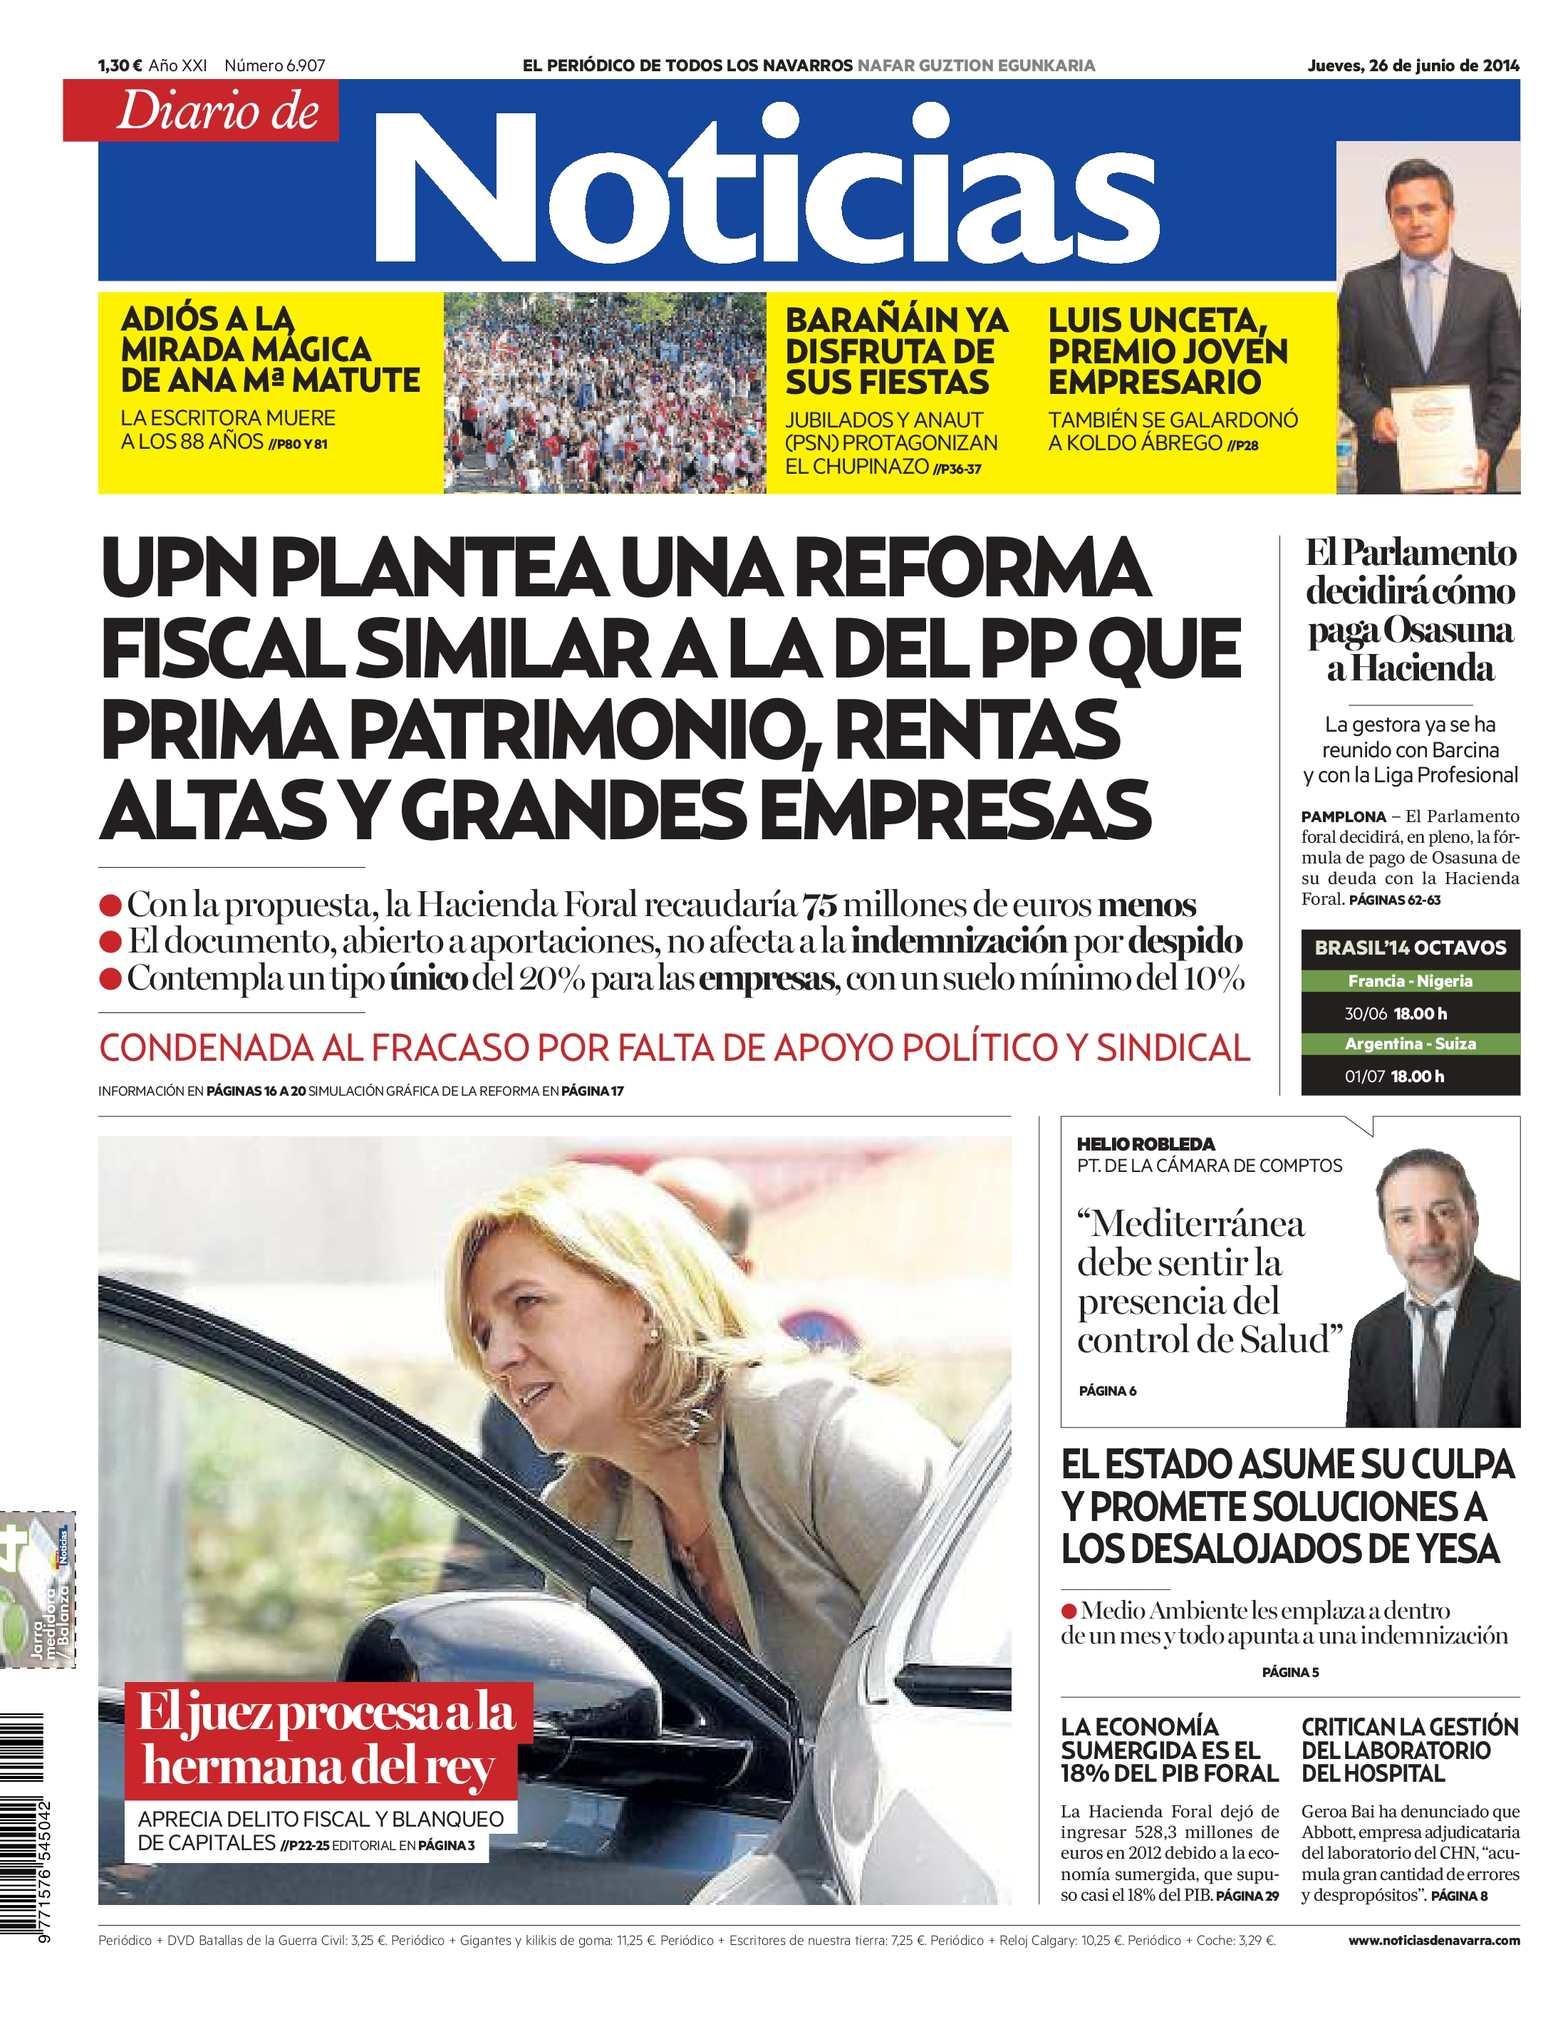 Calaméo - Diario de Noticias 20140626 fd6803c88dd3d